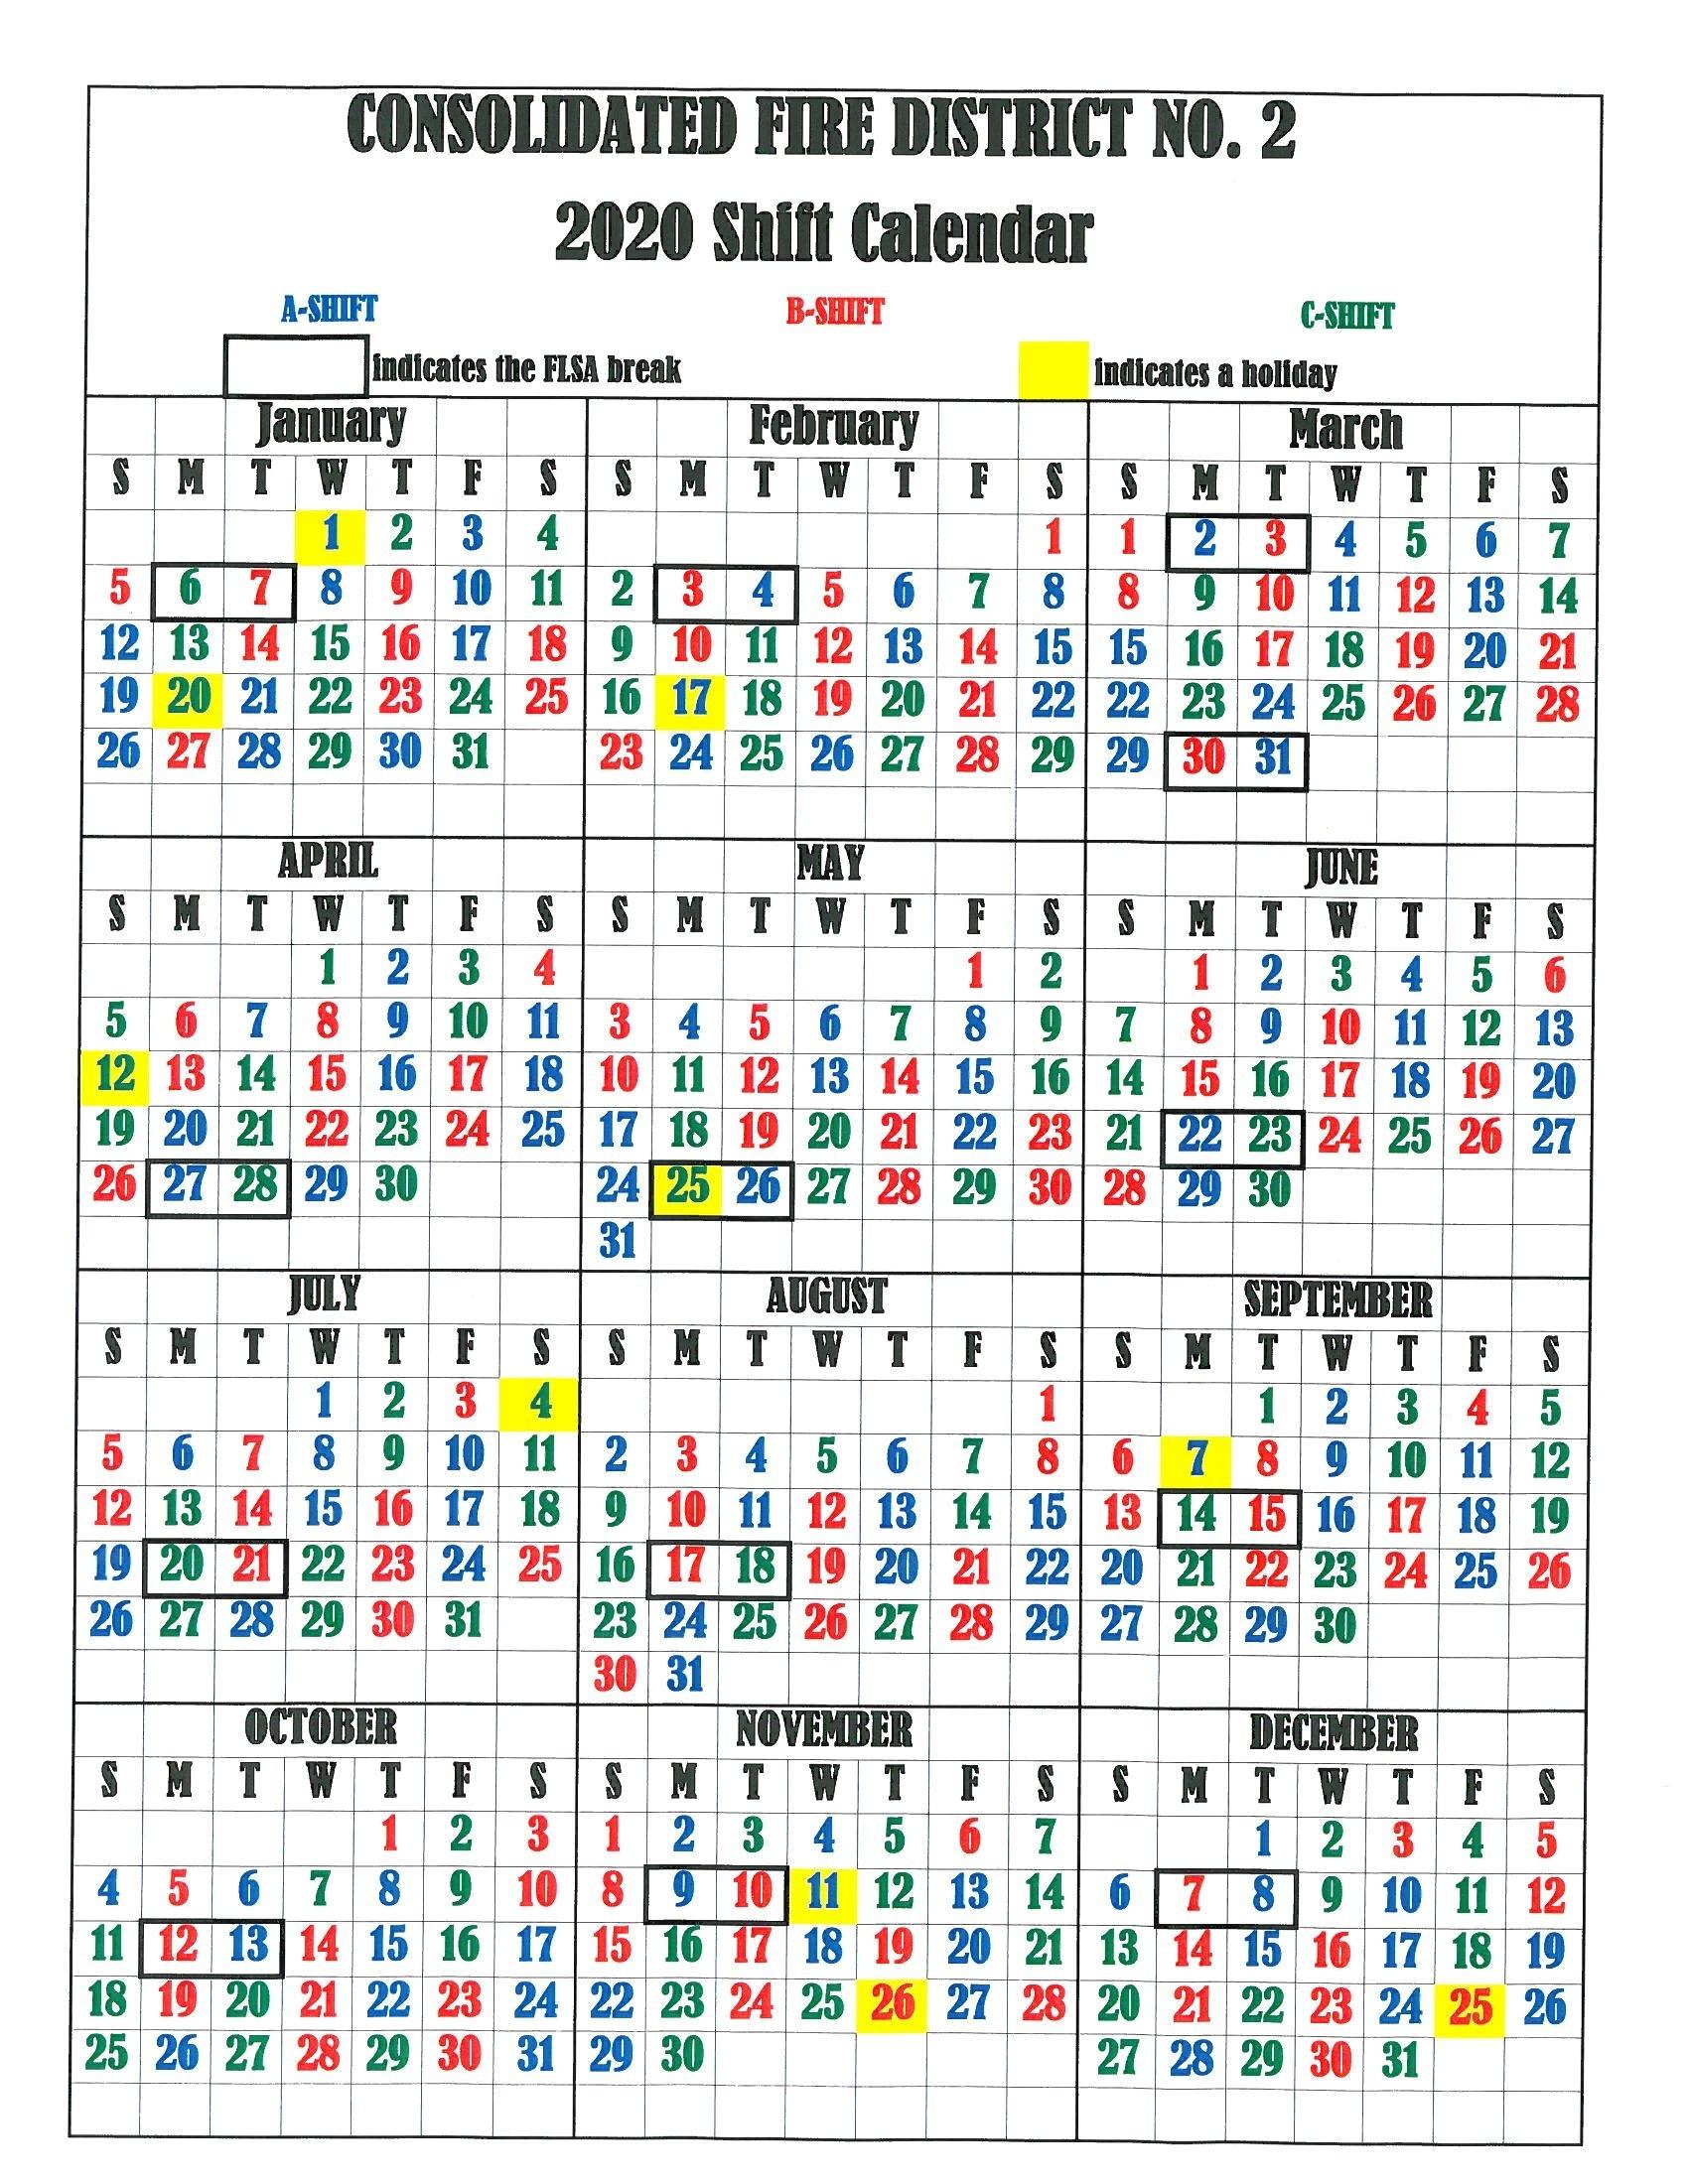 Cfd2 Shift Calendar - Consolidated Fire District #2  Fire Department Schedule Calendar 2020